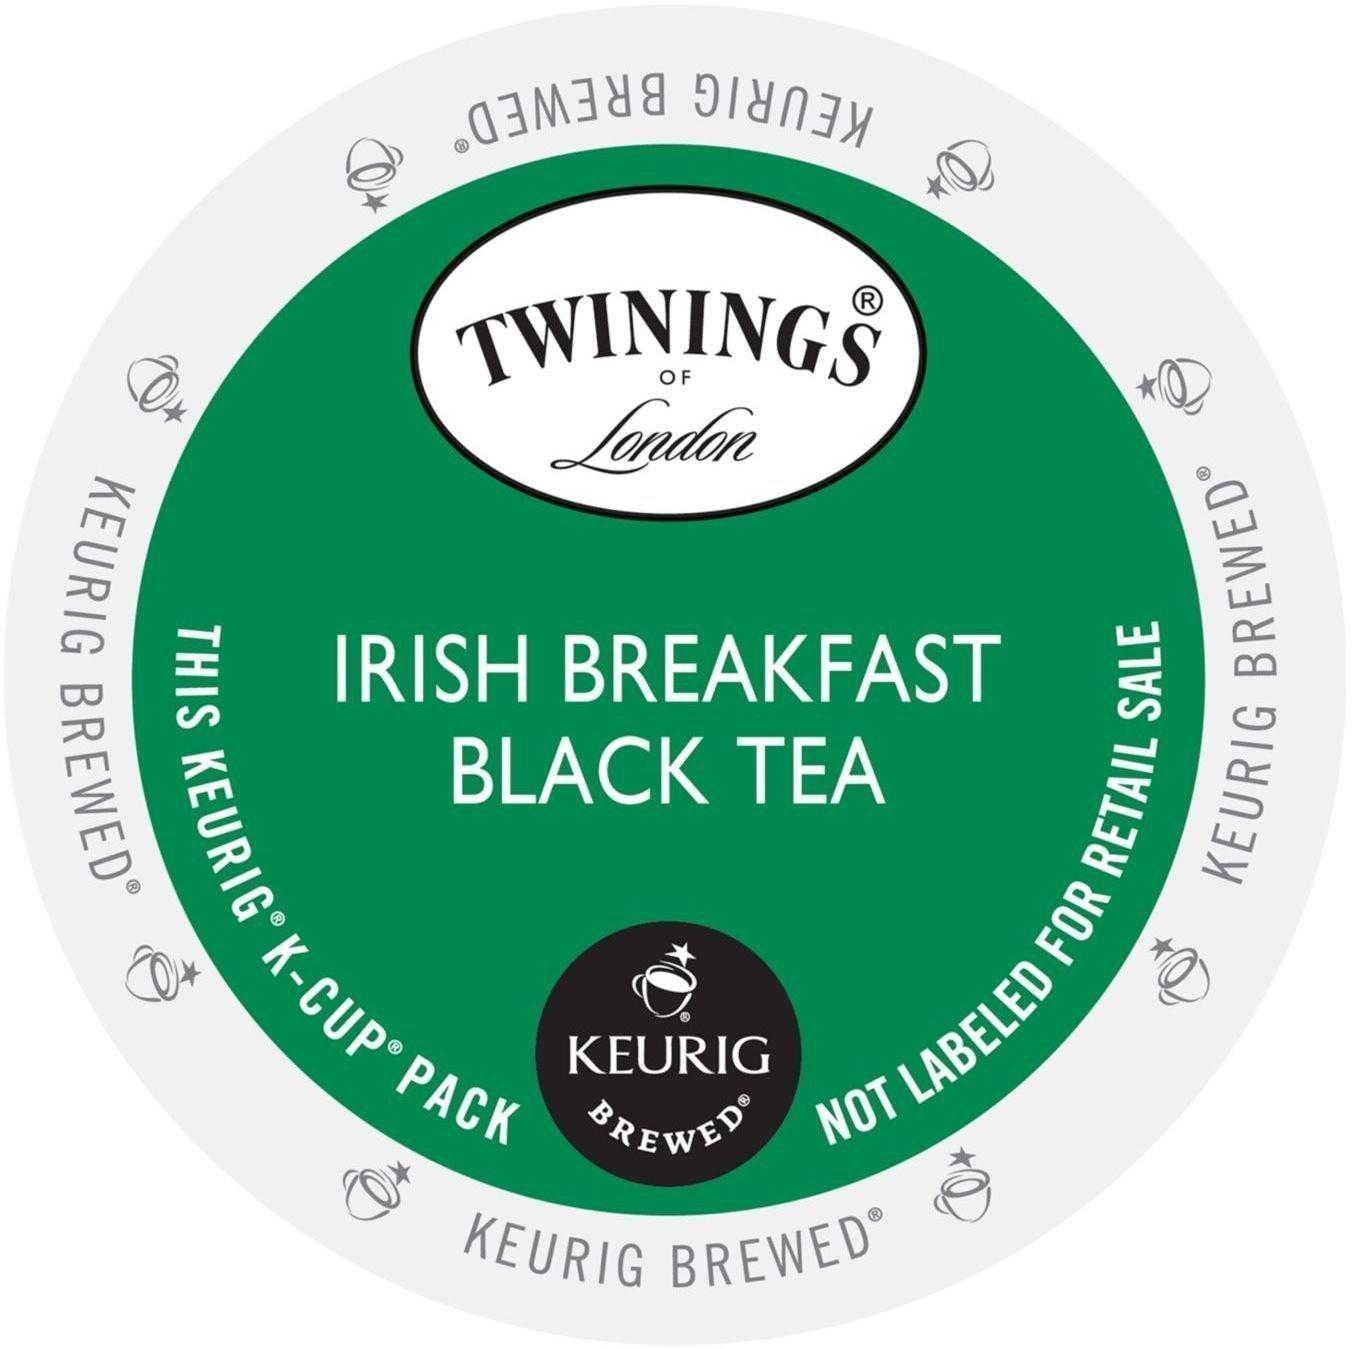 TWININGS IRISH BREAKFAST BLACK TEA K-CUPS 96 COUNT by Twinings by Twinings